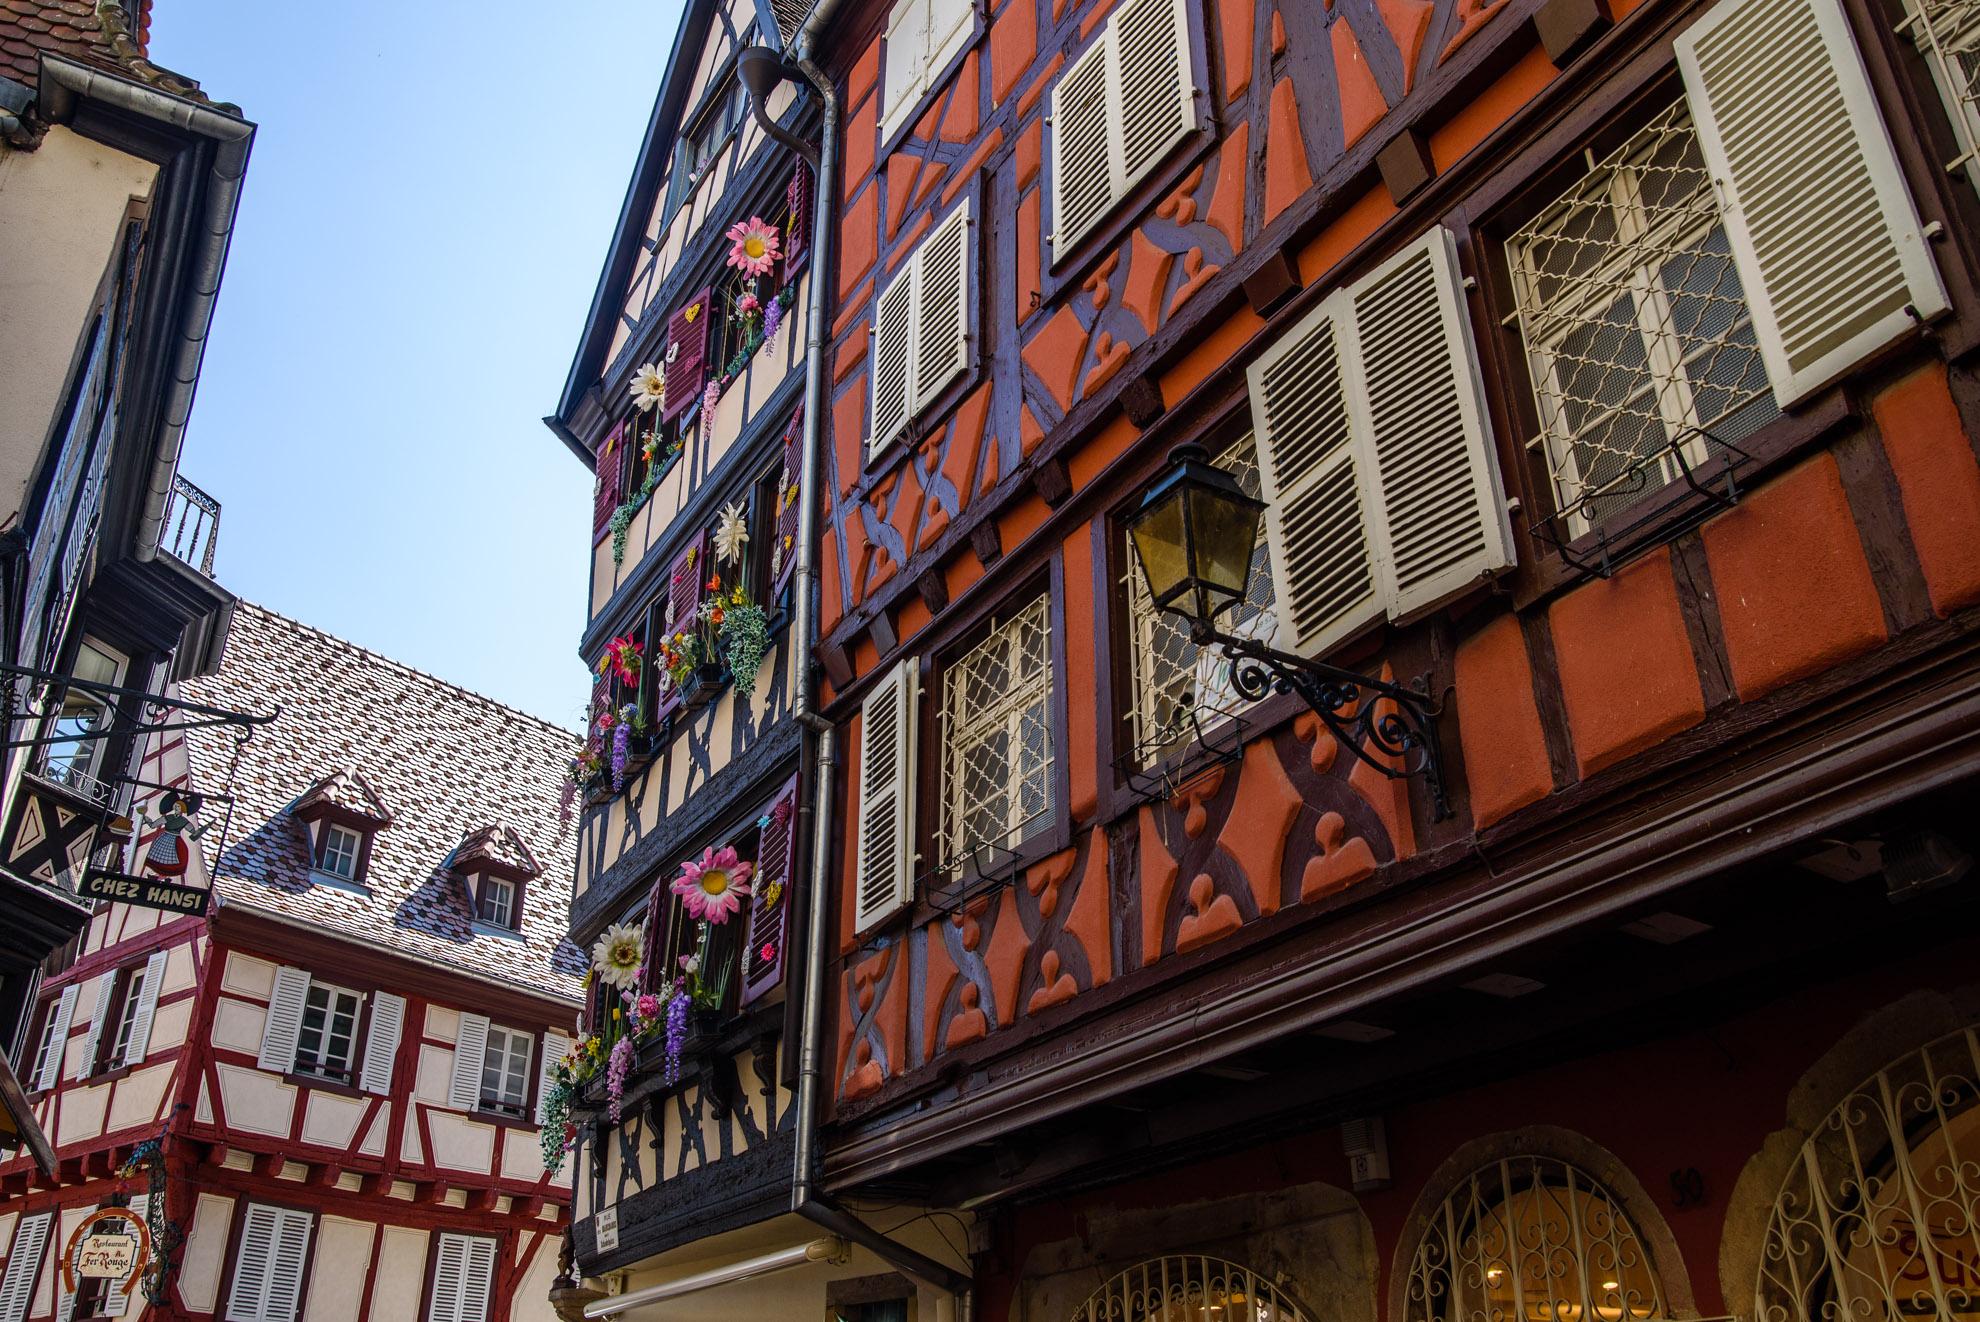 Szachulcowe budowle w Colmarze